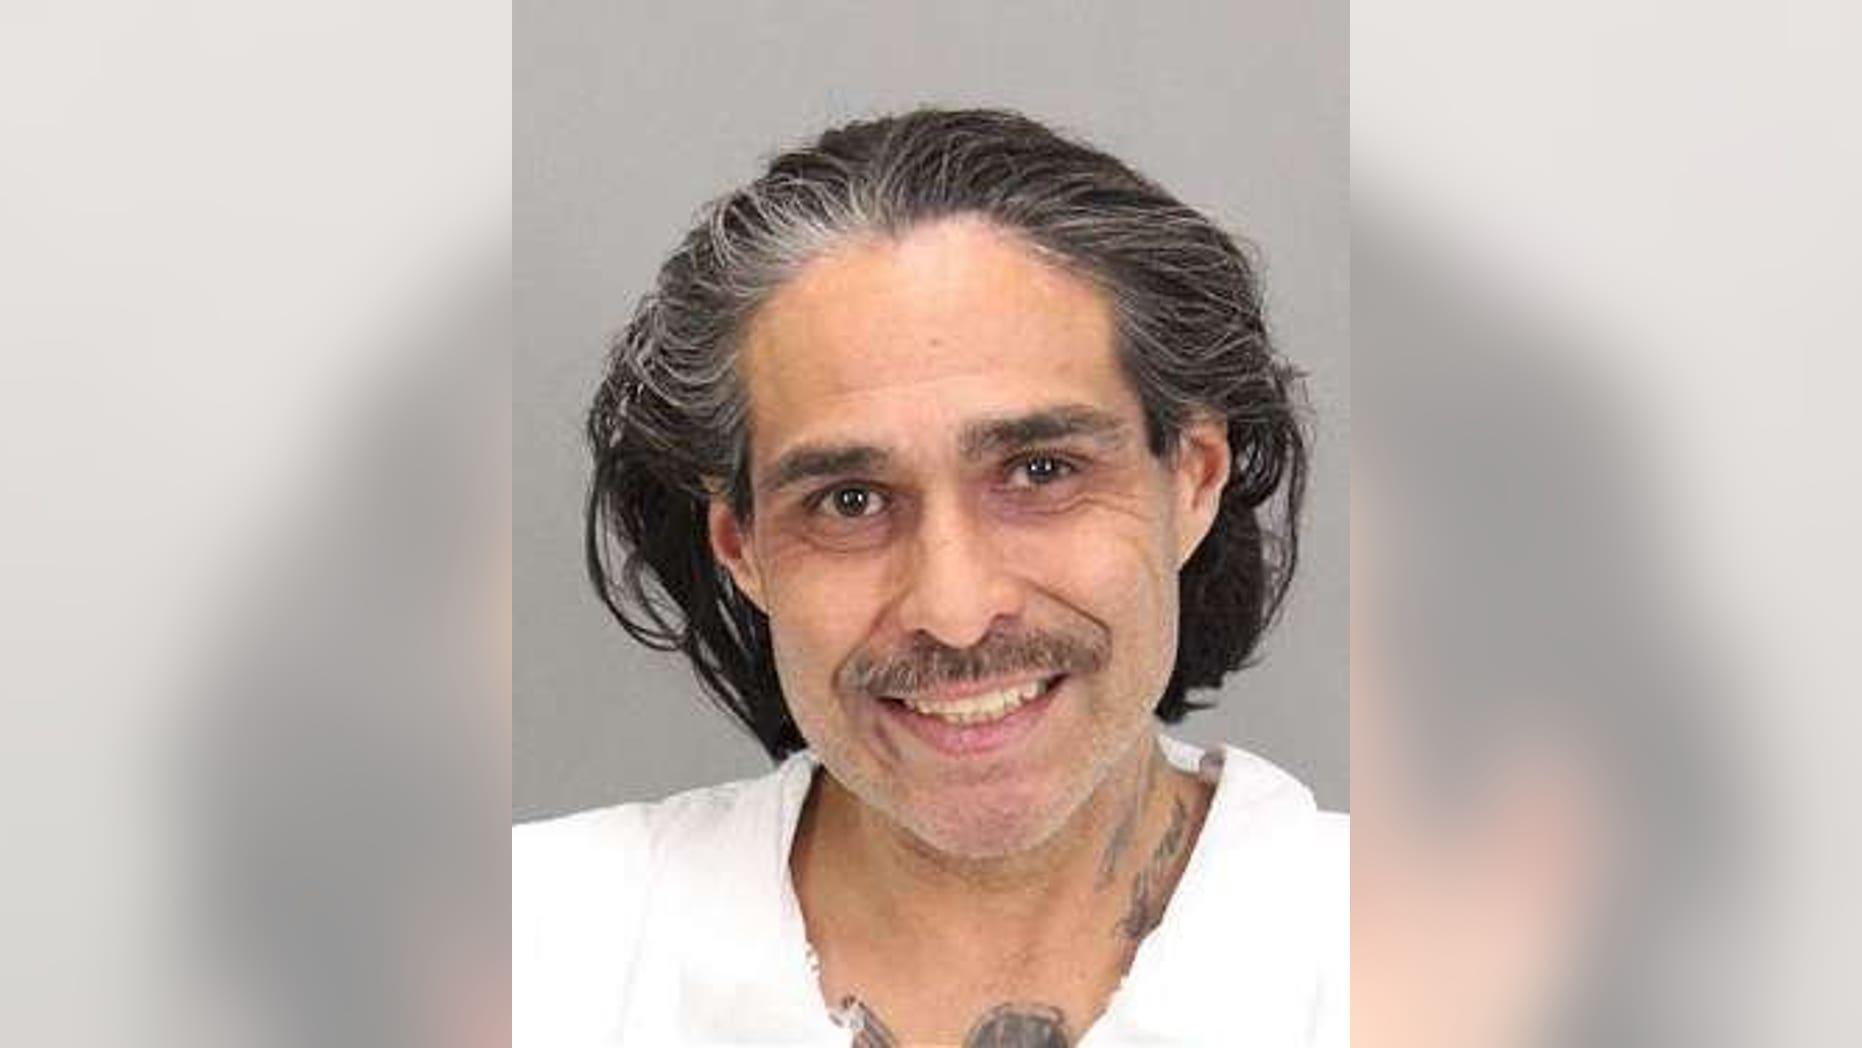 Robert Martinez, 47, was arrested on suspicion of murder.